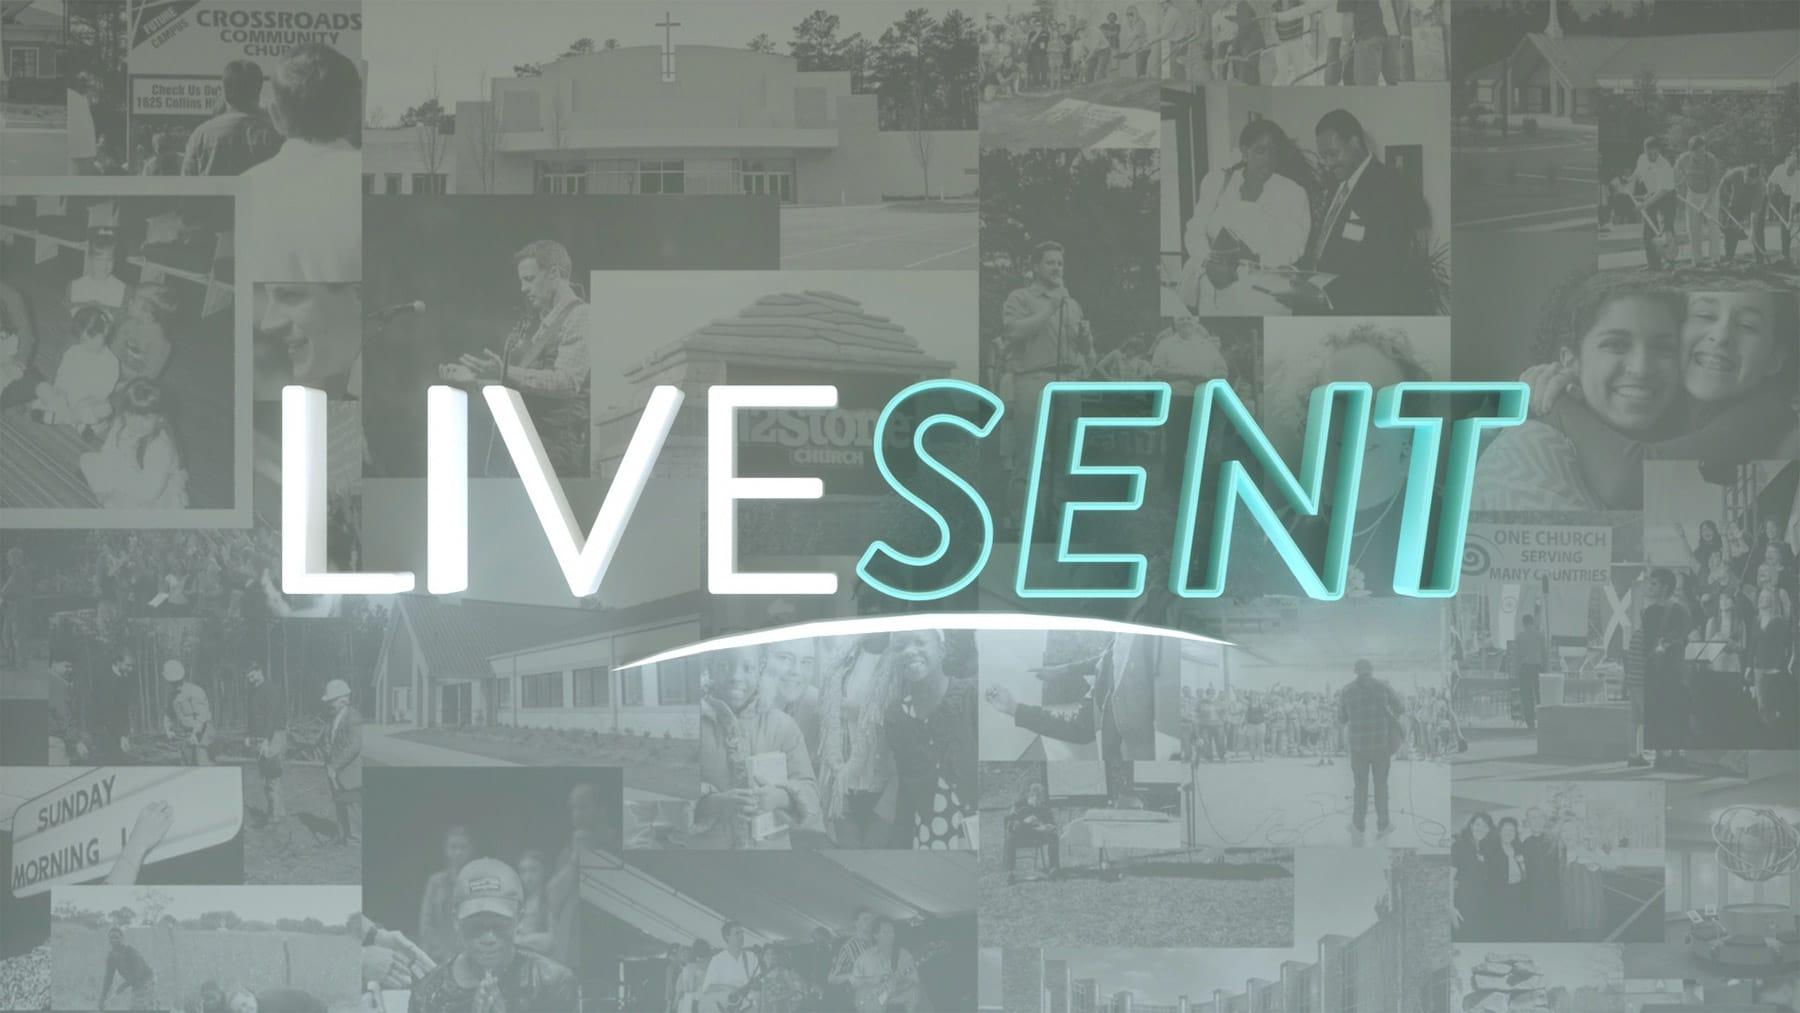 Live Sent